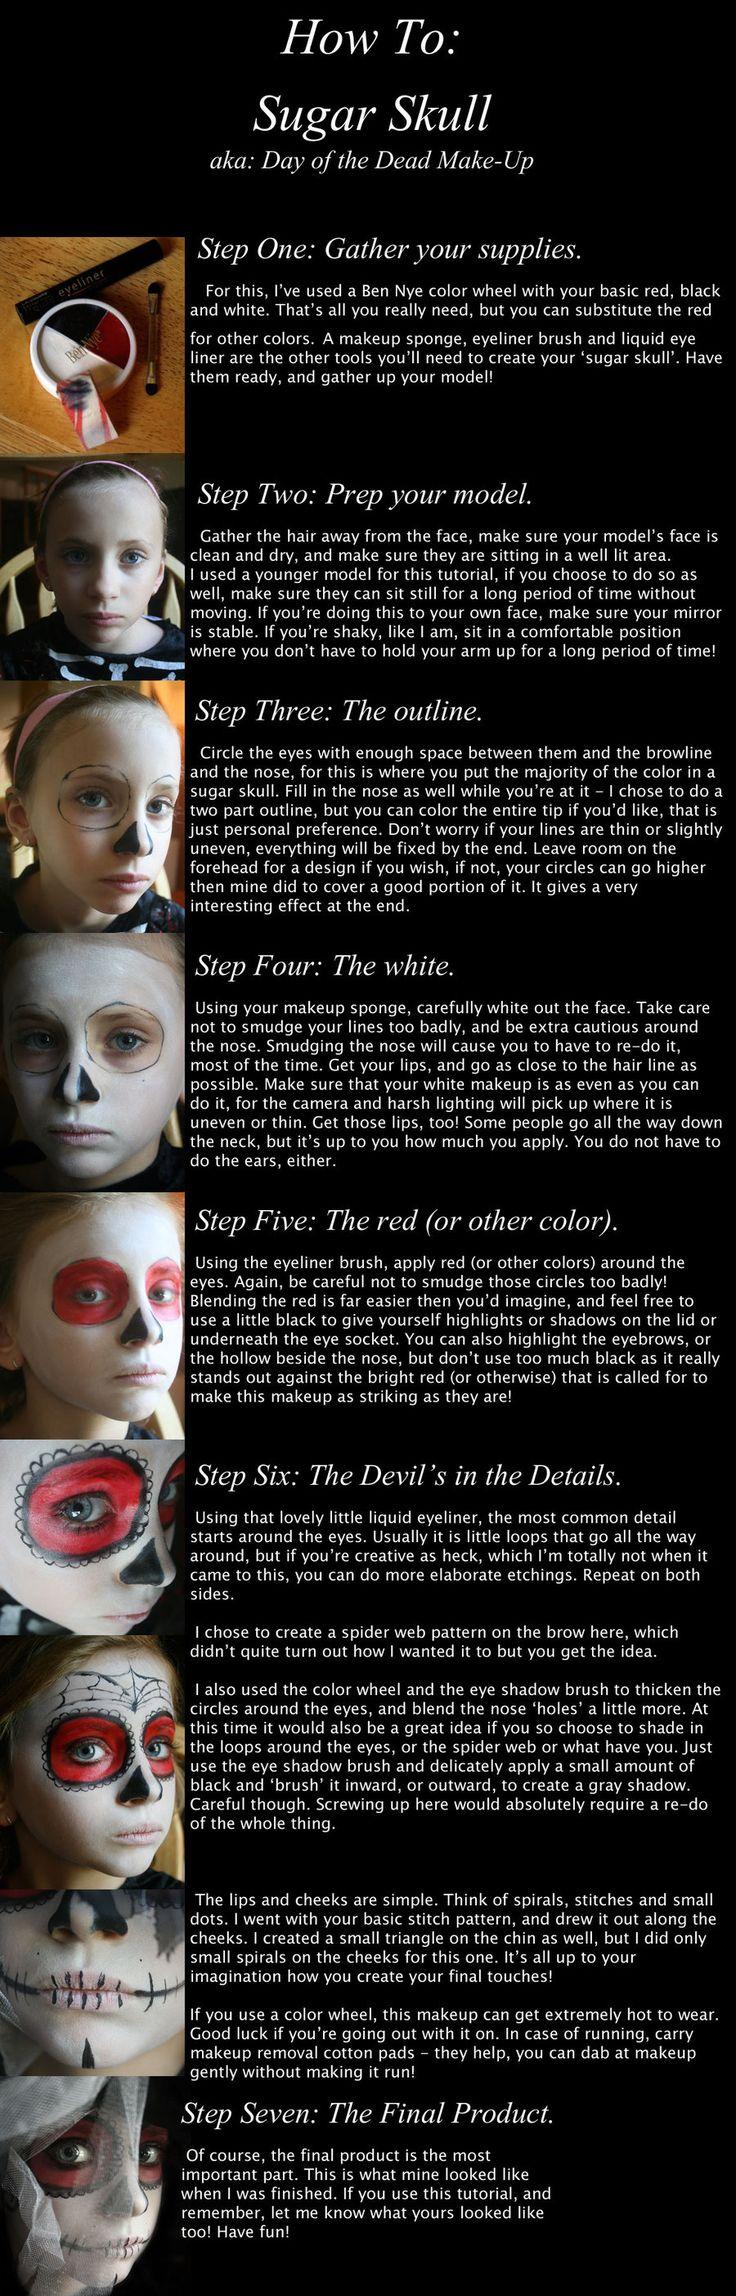 How To Sugar Skull by pullingcandy.deviantart.com on @deviantART